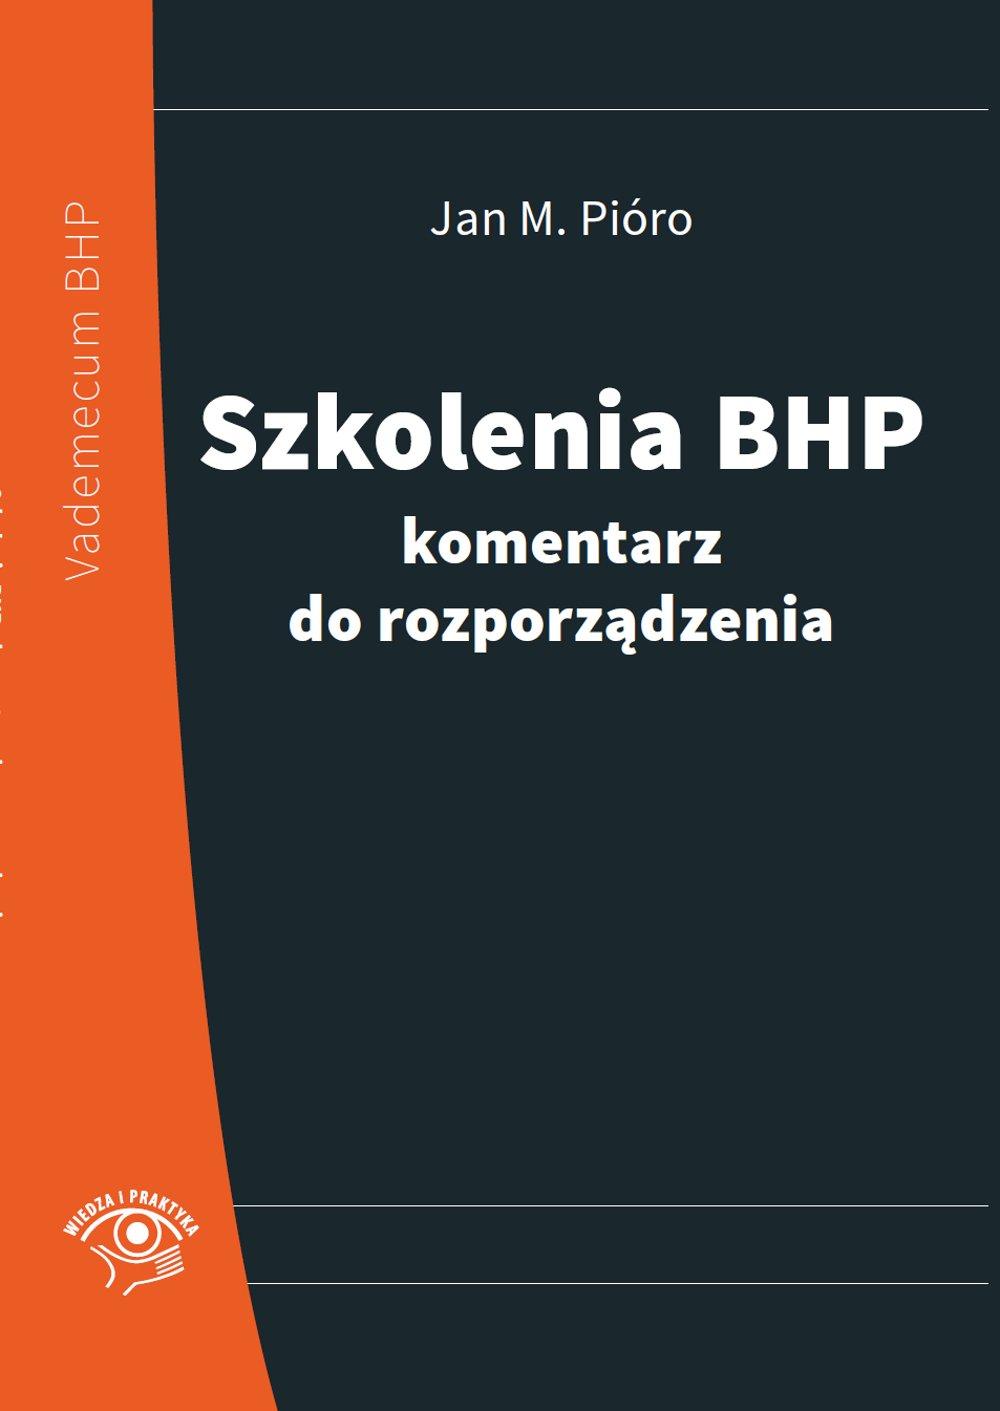 Szkolenia bhp - komentarz do rozporządzenia - Ebook (Książka PDF) do pobrania w formacie PDF